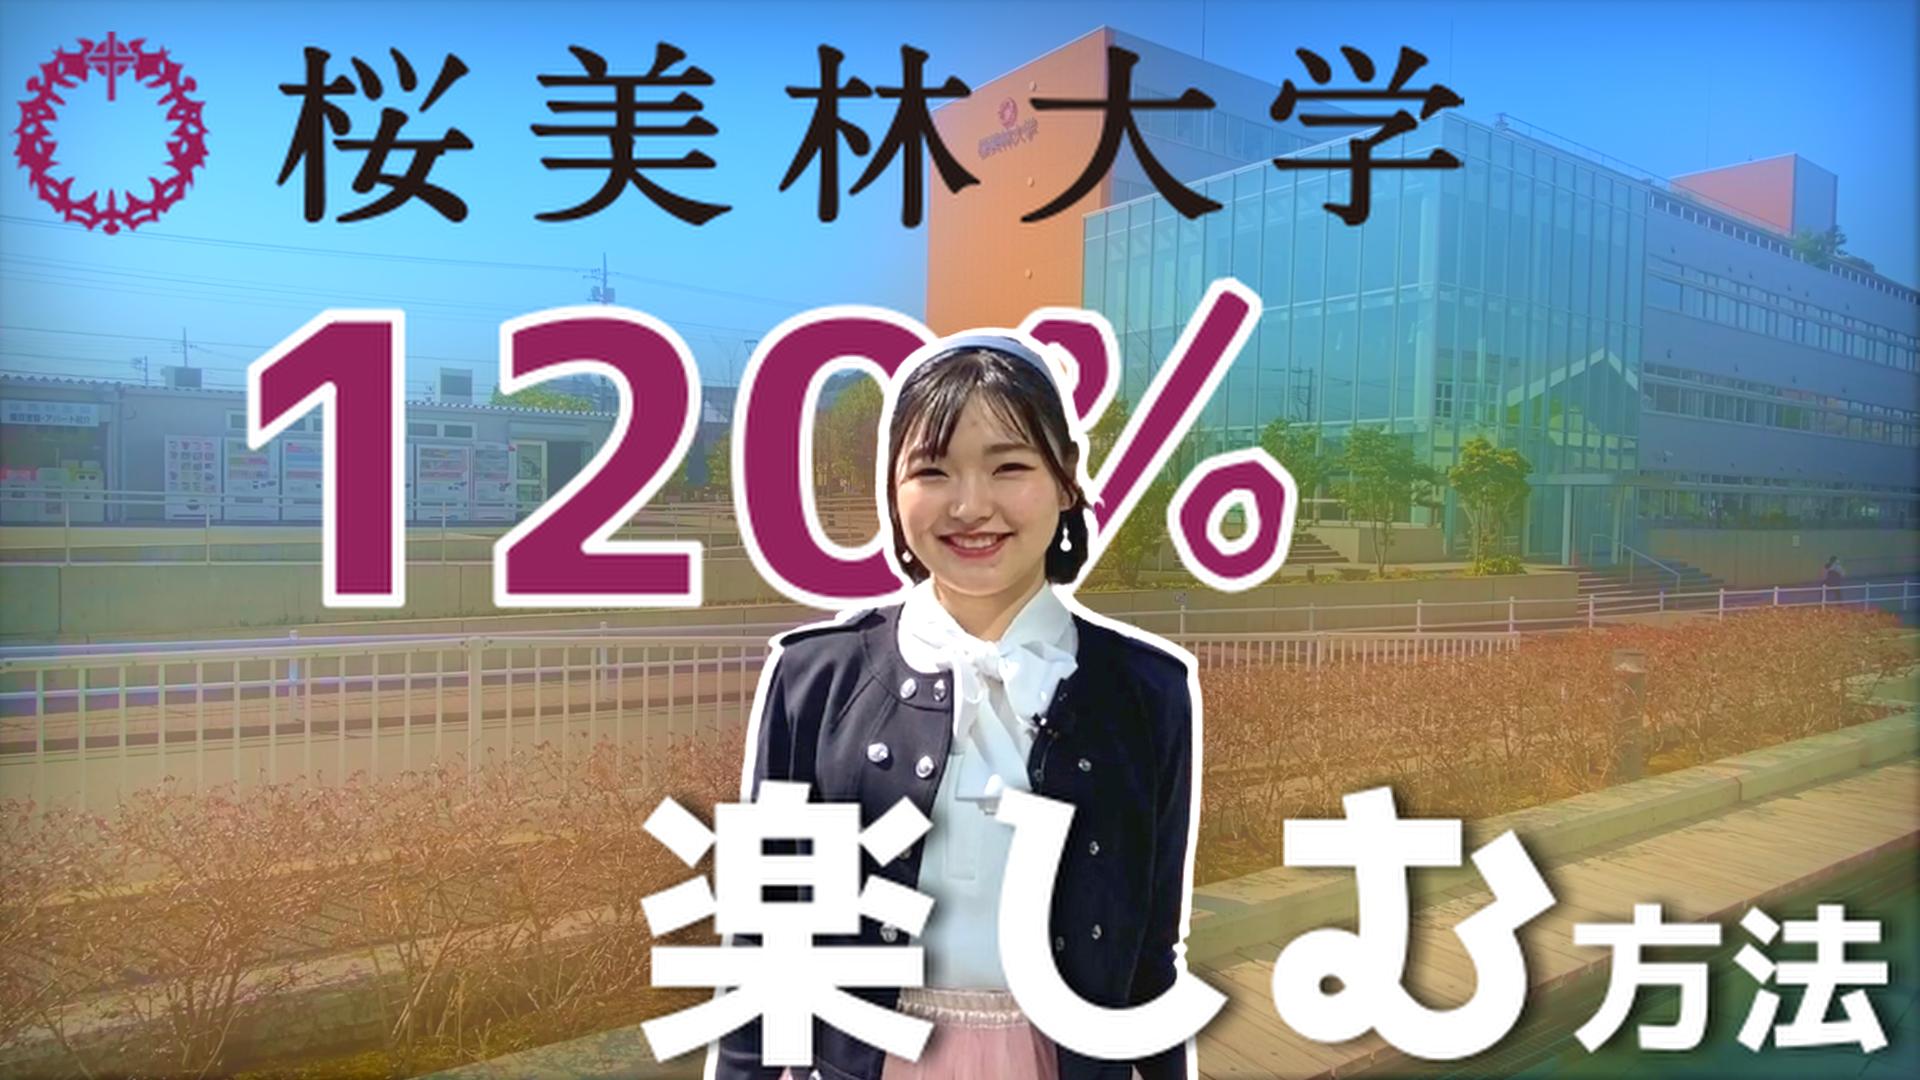 一年生の時知りたかった!桜美林の大学生活を120%楽しむ方法とは【動画】